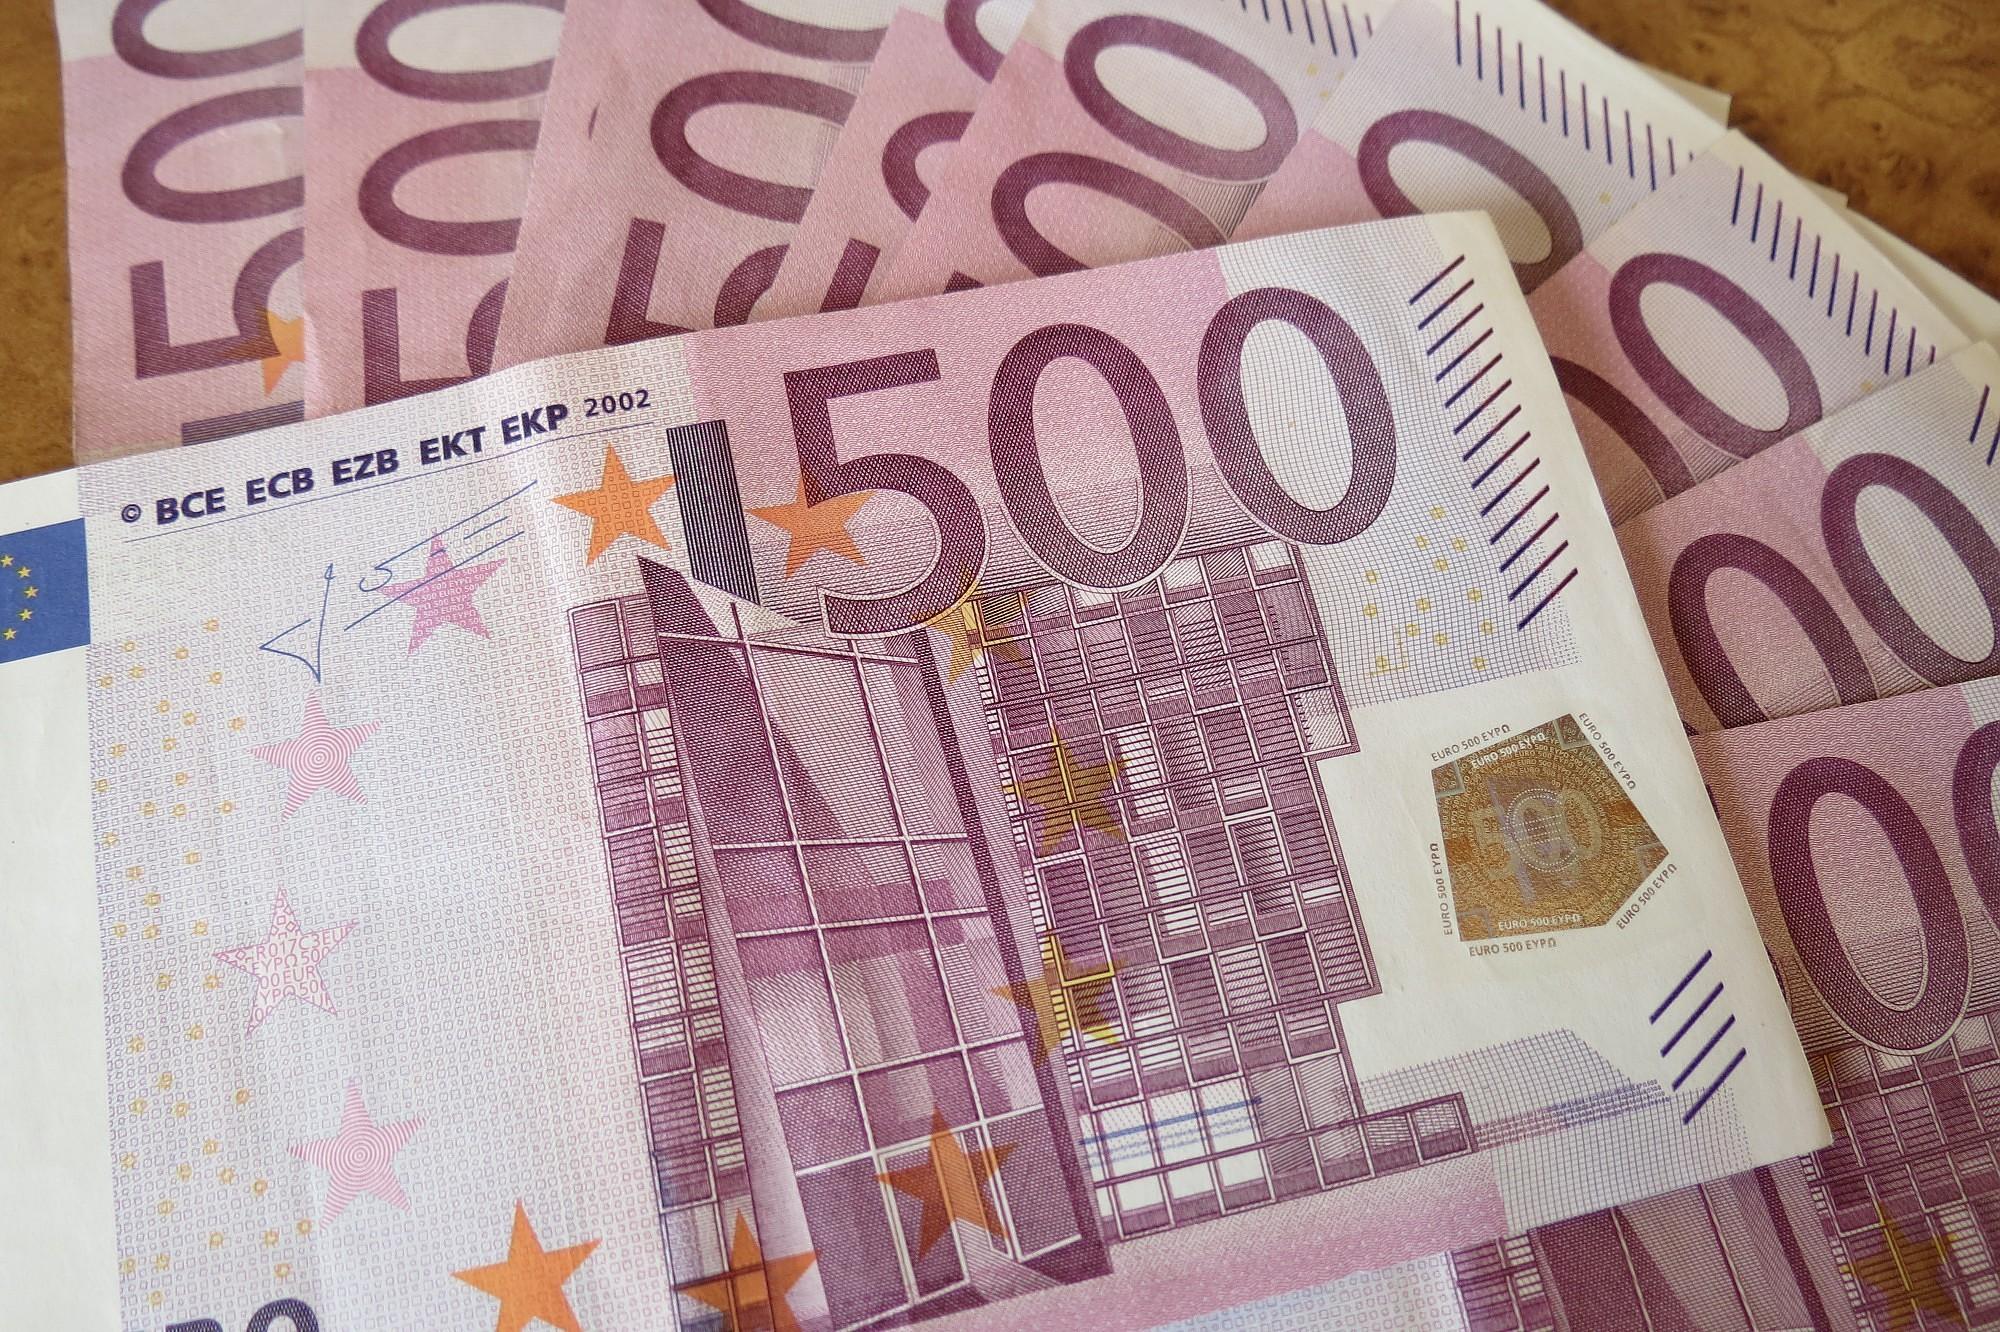 За три недели до выборов партии потратили на предвыборную агитацию 1,64 млн евро